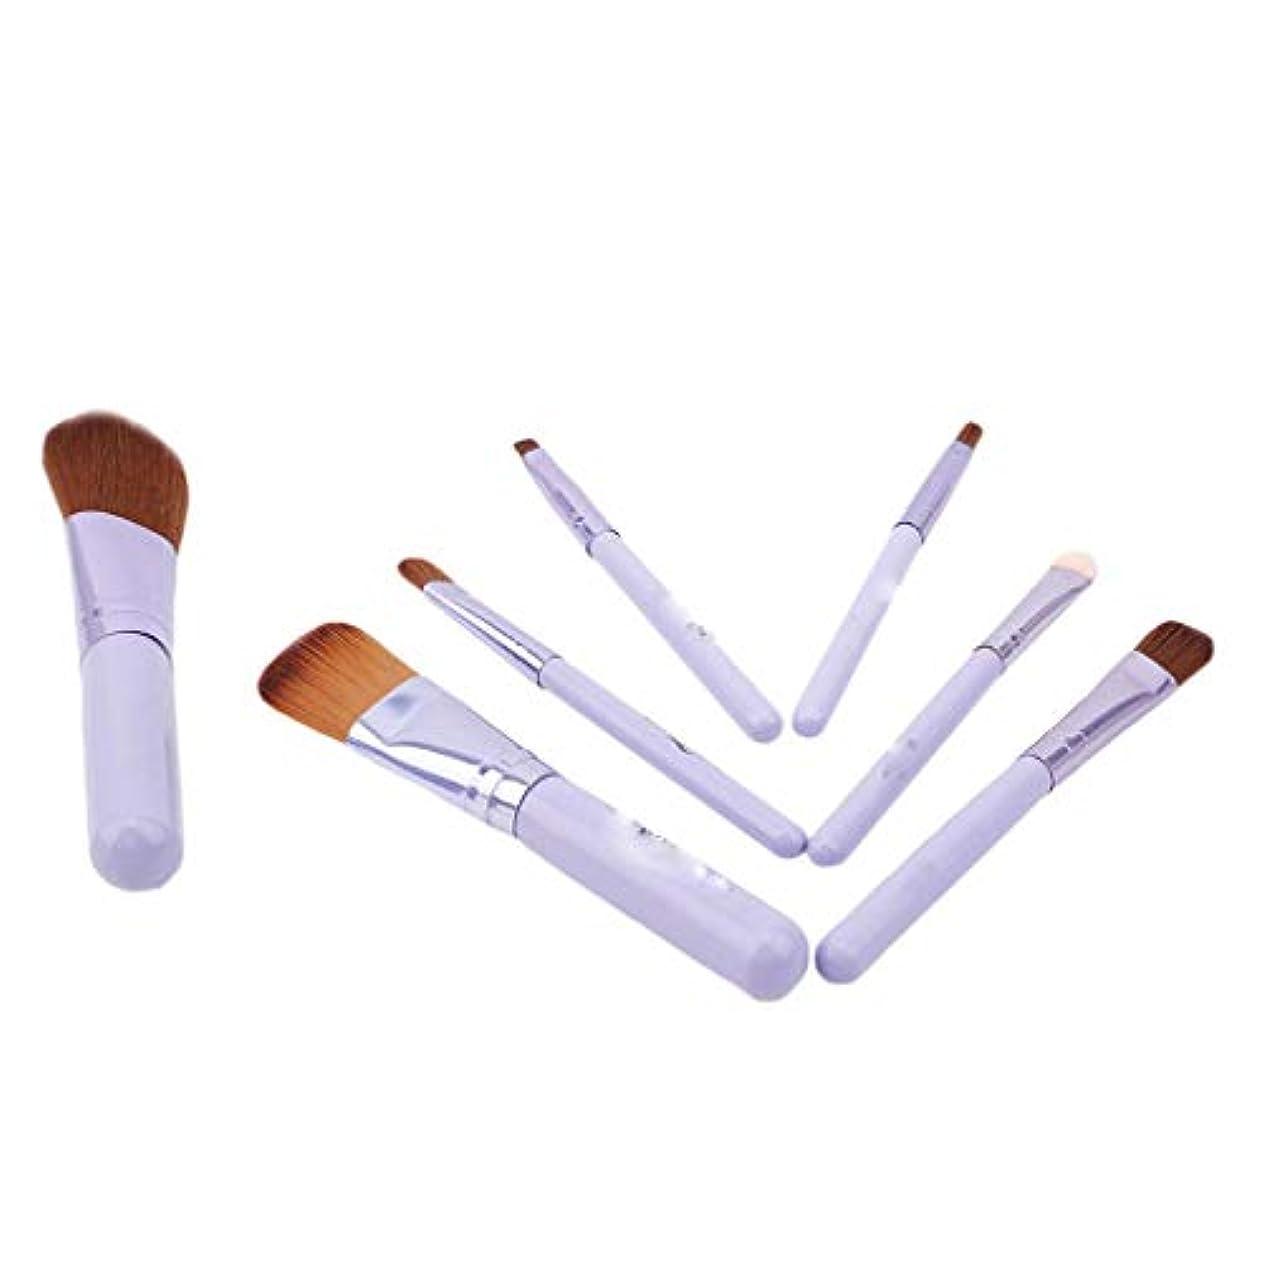 出くわすより良い限られた1st market プレミアム7ピース化粧ブラシソフトファイバーファンデーションアイシャドウブラシ化粧品ツール紫